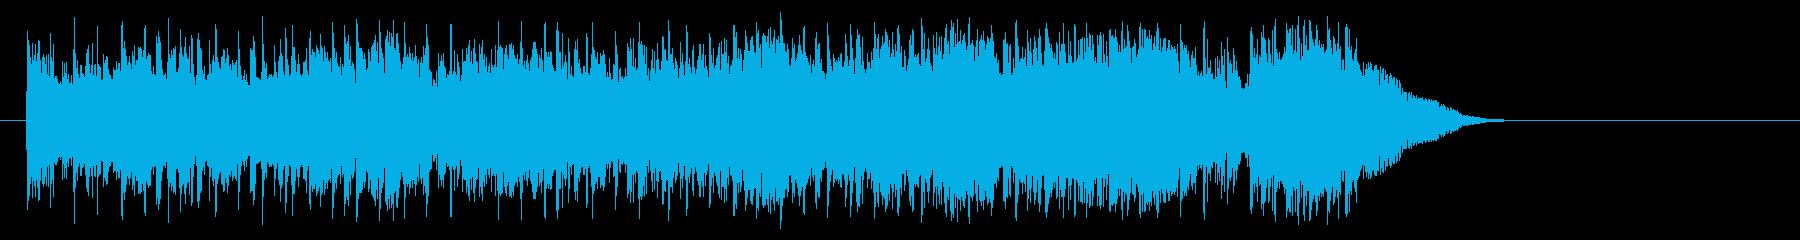 好奇心旺盛なポップ(サビ~エンディング)の再生済みの波形